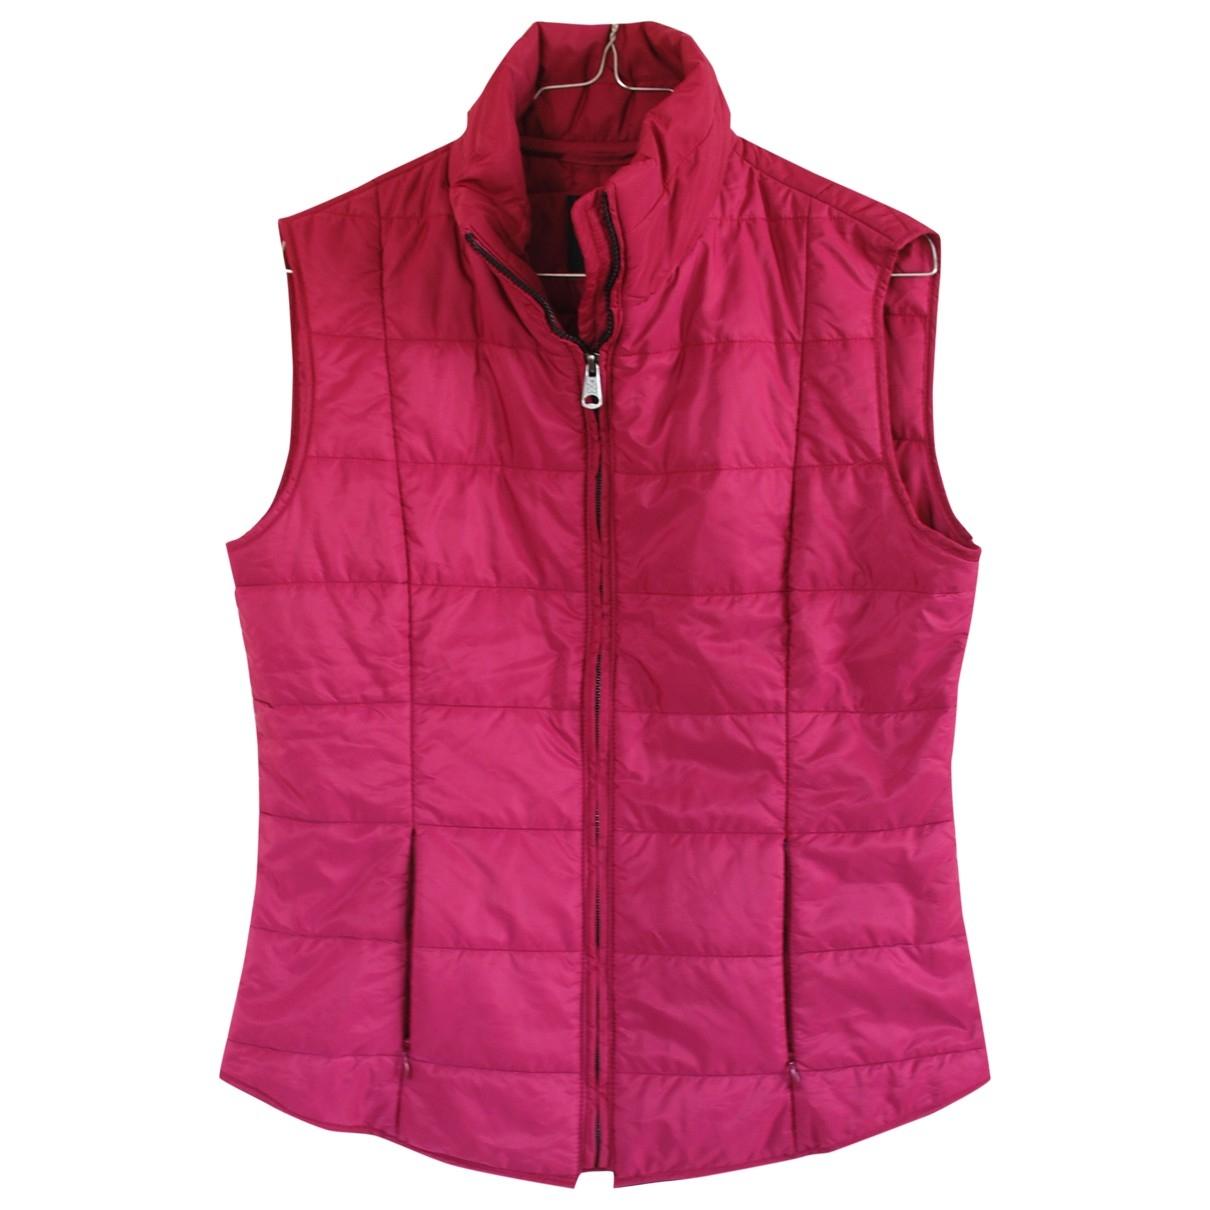 Max Mara Weekend \N Pink jacket for Women 42 IT